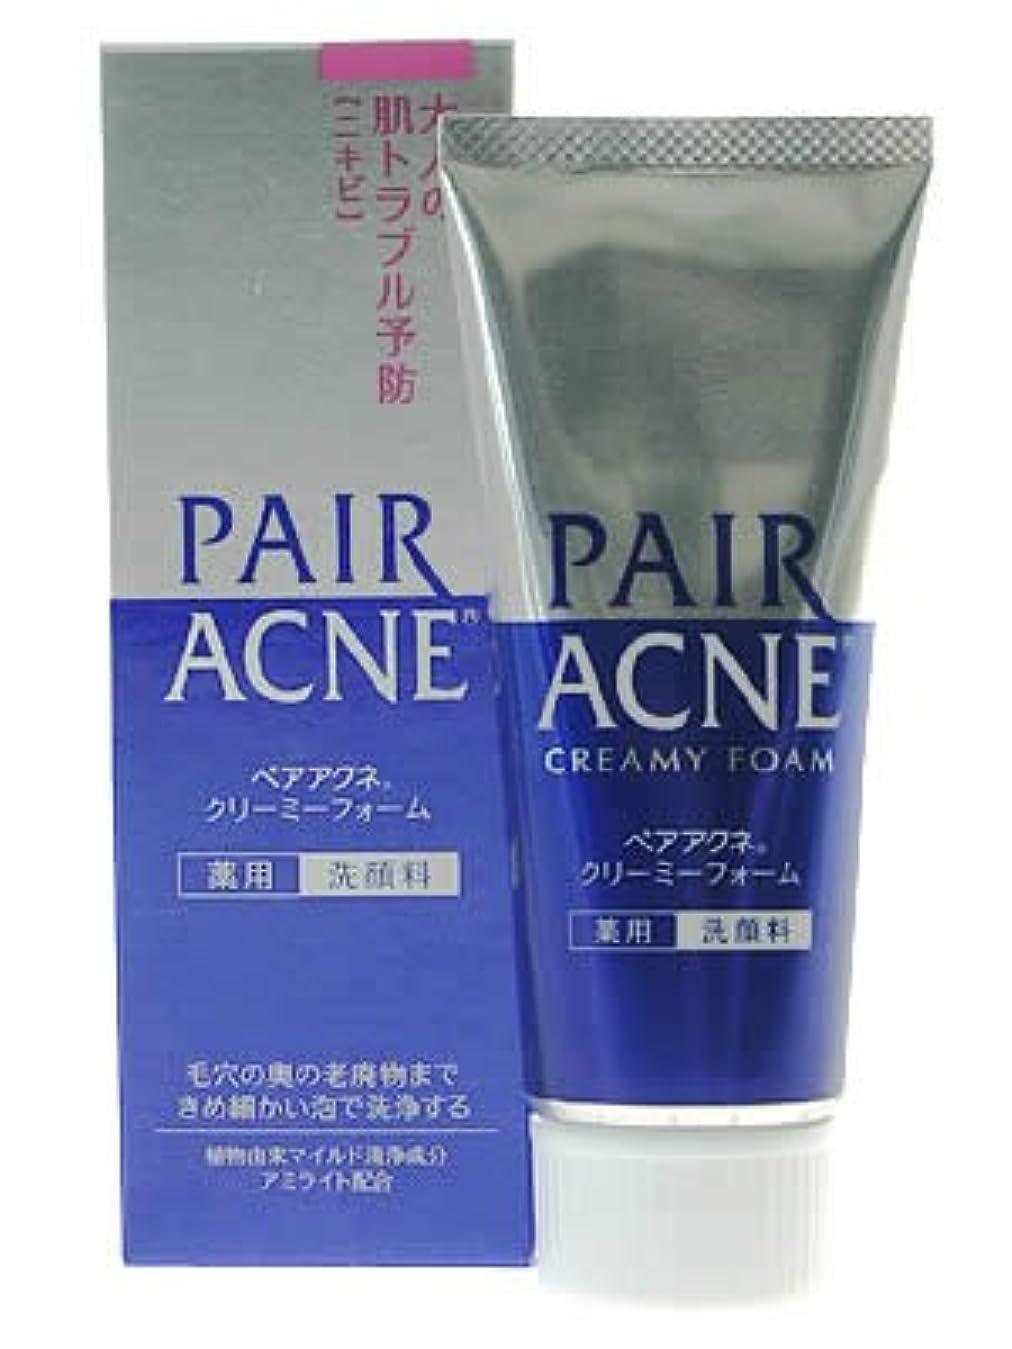 ではごきげんよう誠意純粋にペアアクネ クリーミーフォーム 薬用洗顔料 80g(医薬部外品)